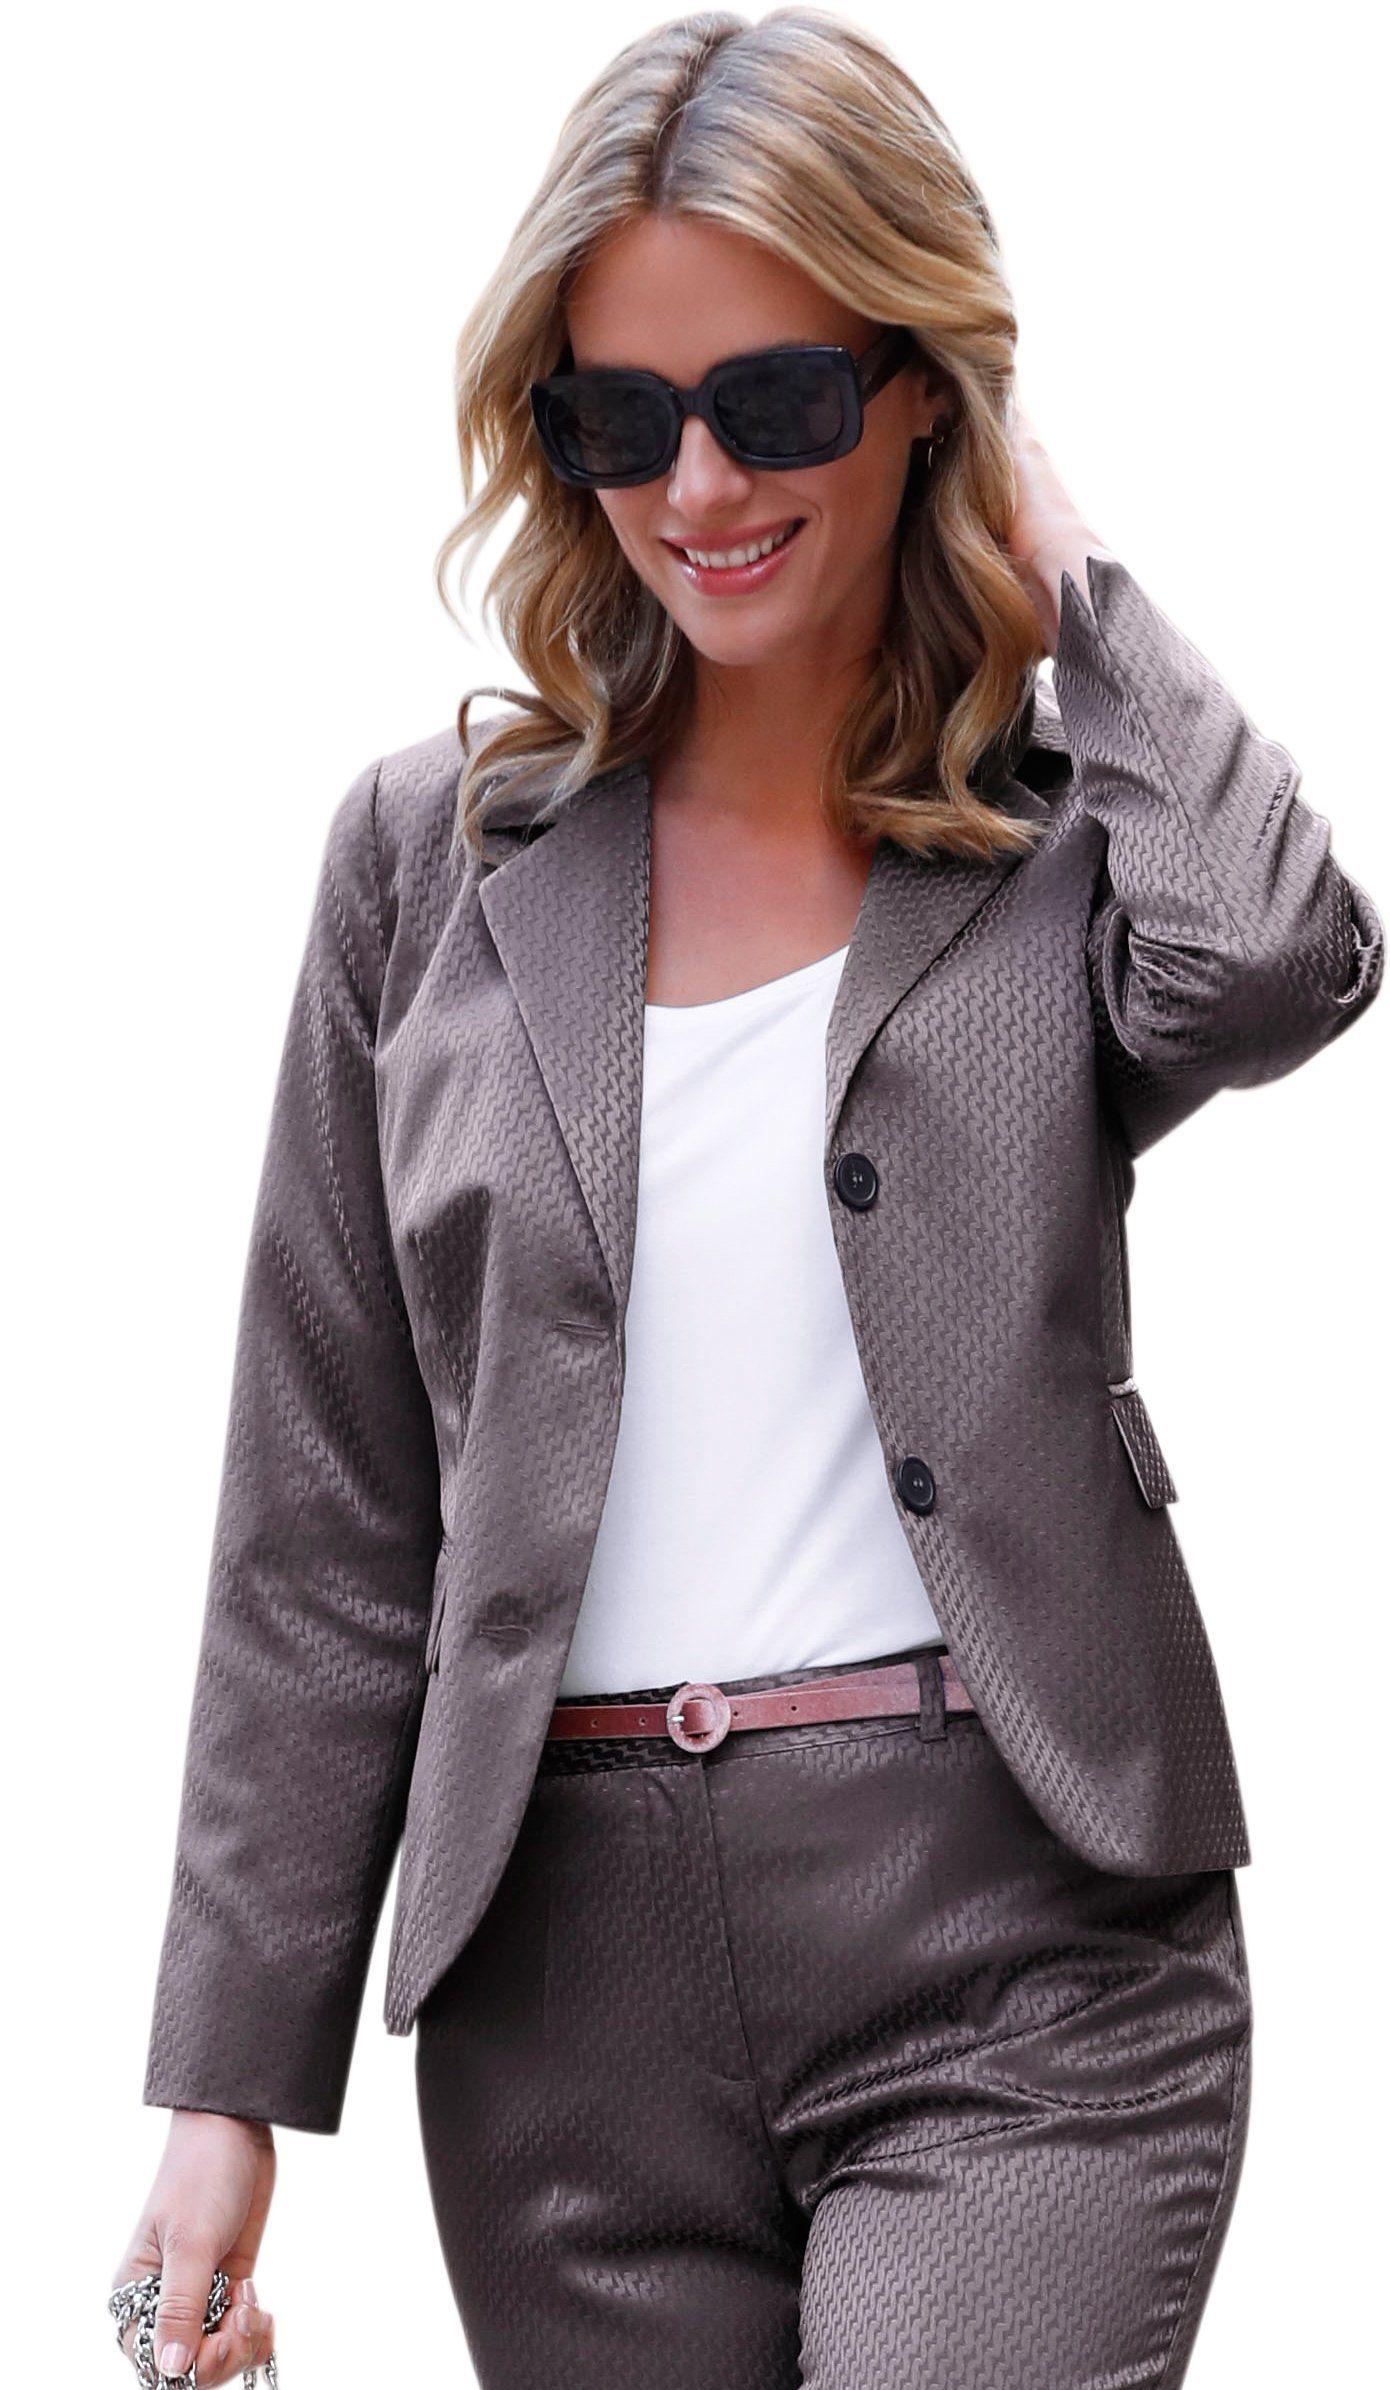 qualitätPolyester Jacquard Kaufen In Hochwertiger Online Blazer Lady n8OyvN0mw